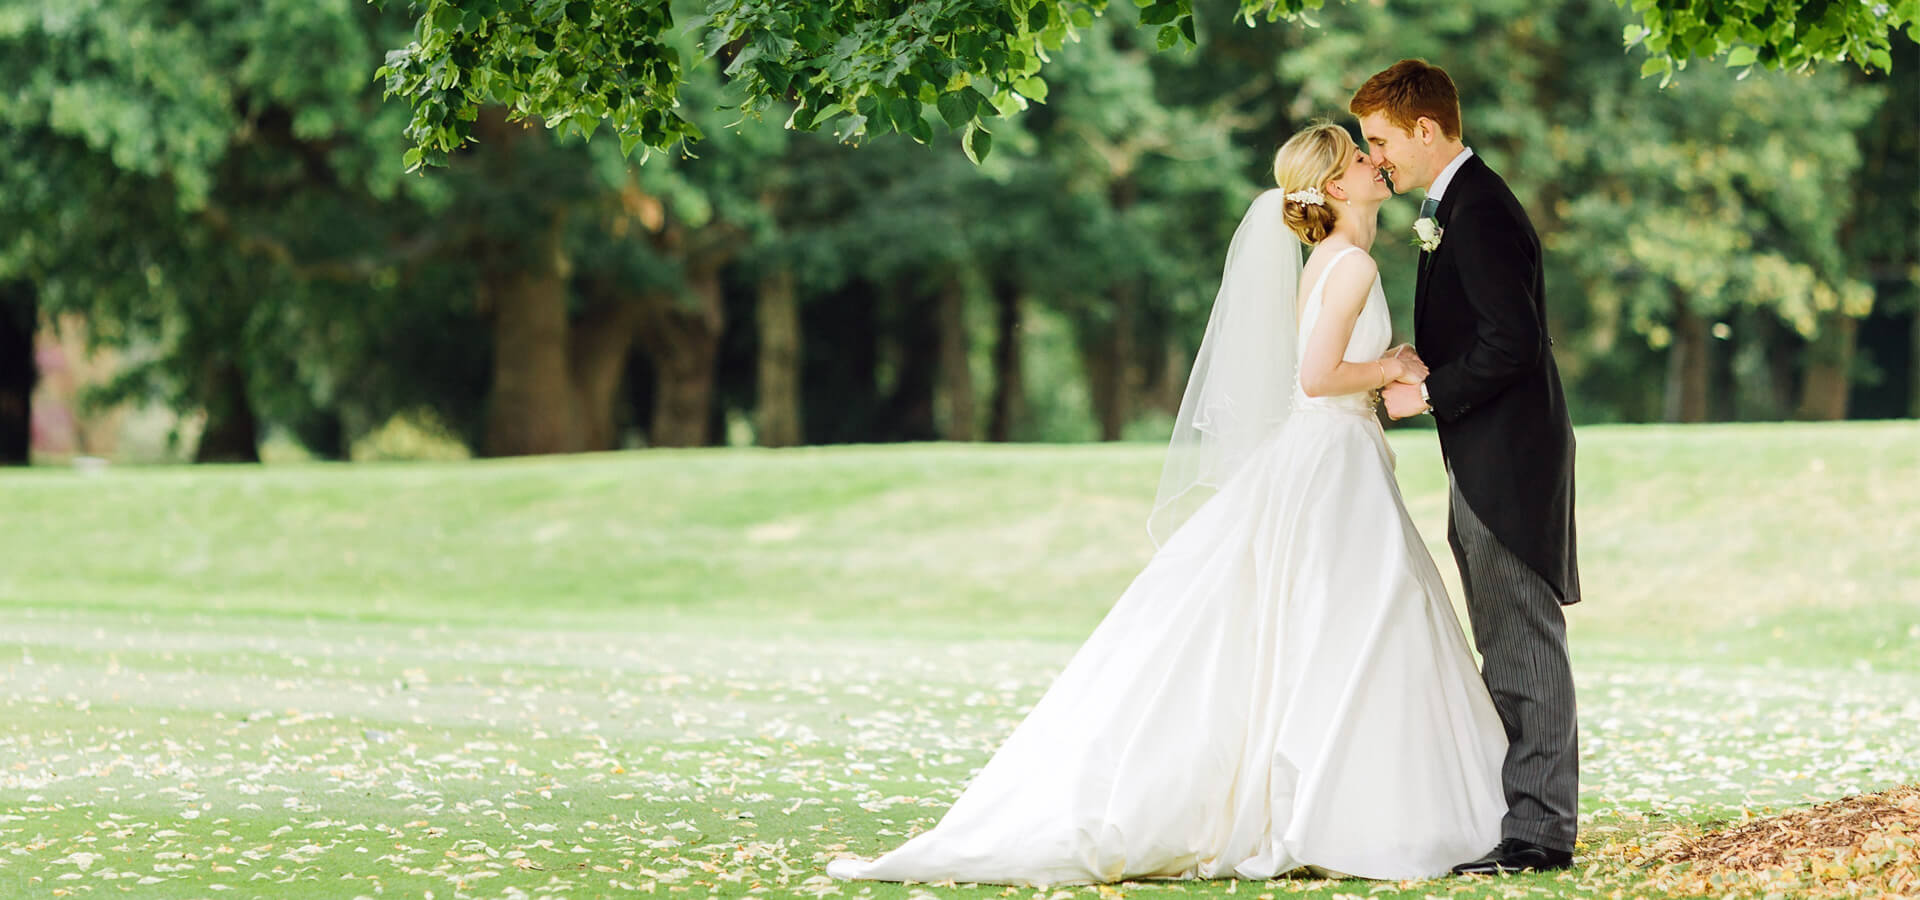 Картинки фон для свадебных фото, годовщиной свадьбы картинки